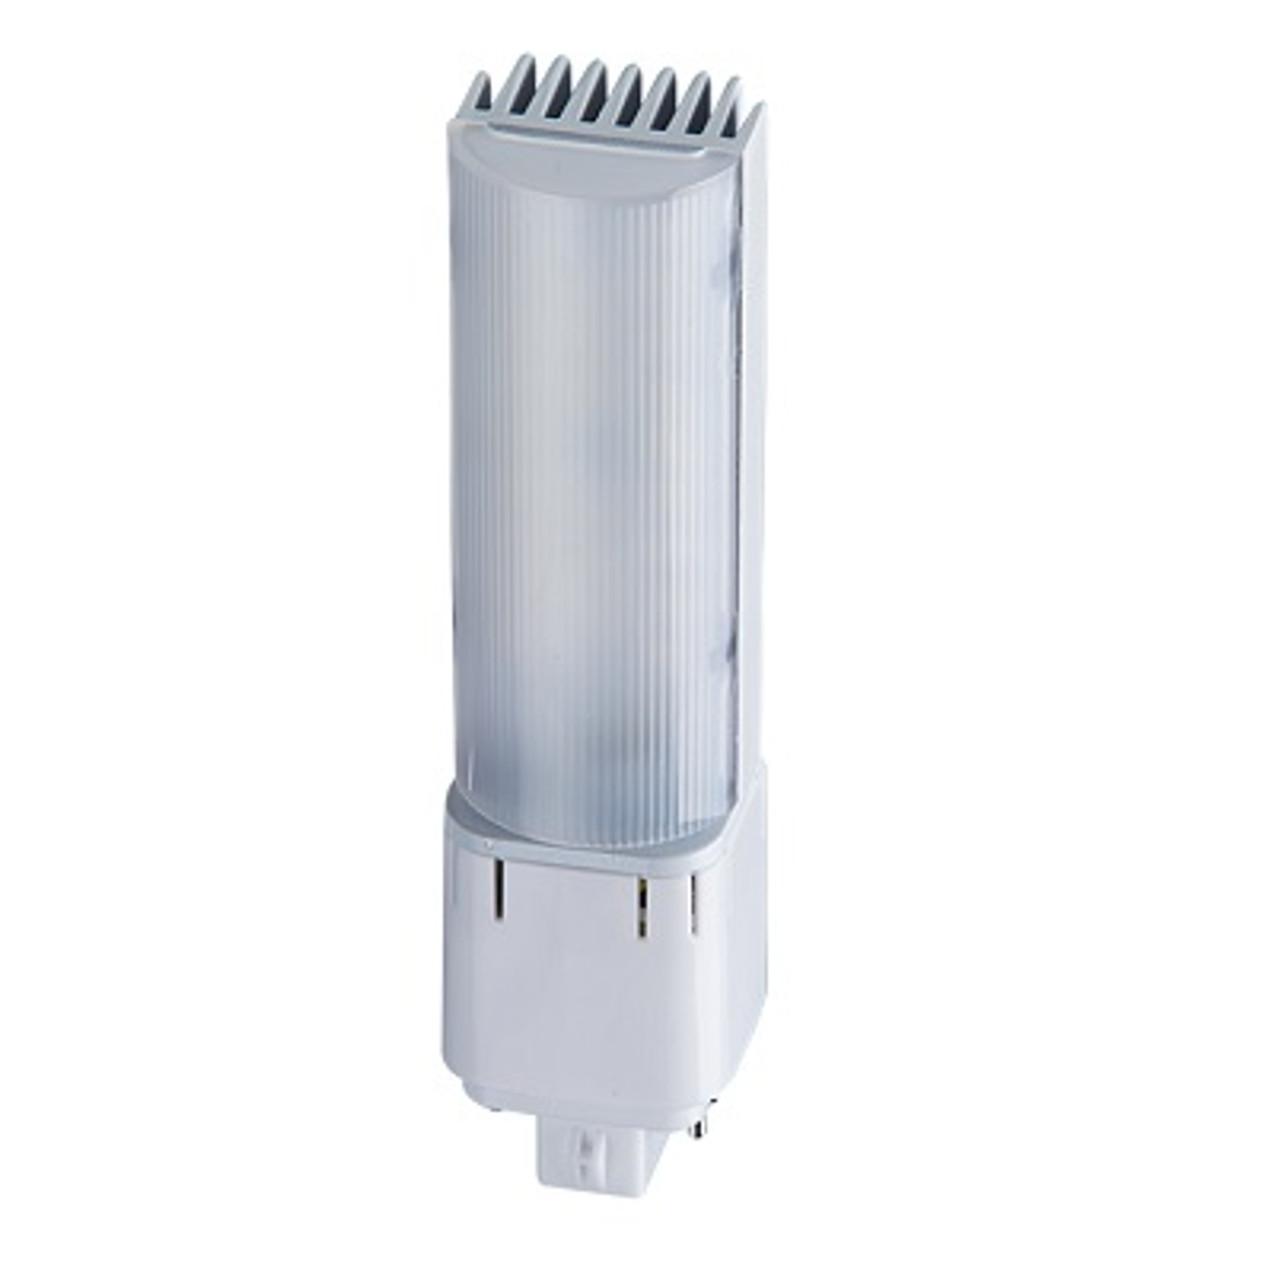 7324 Fluorescent LED Retrofit - 11W Directional